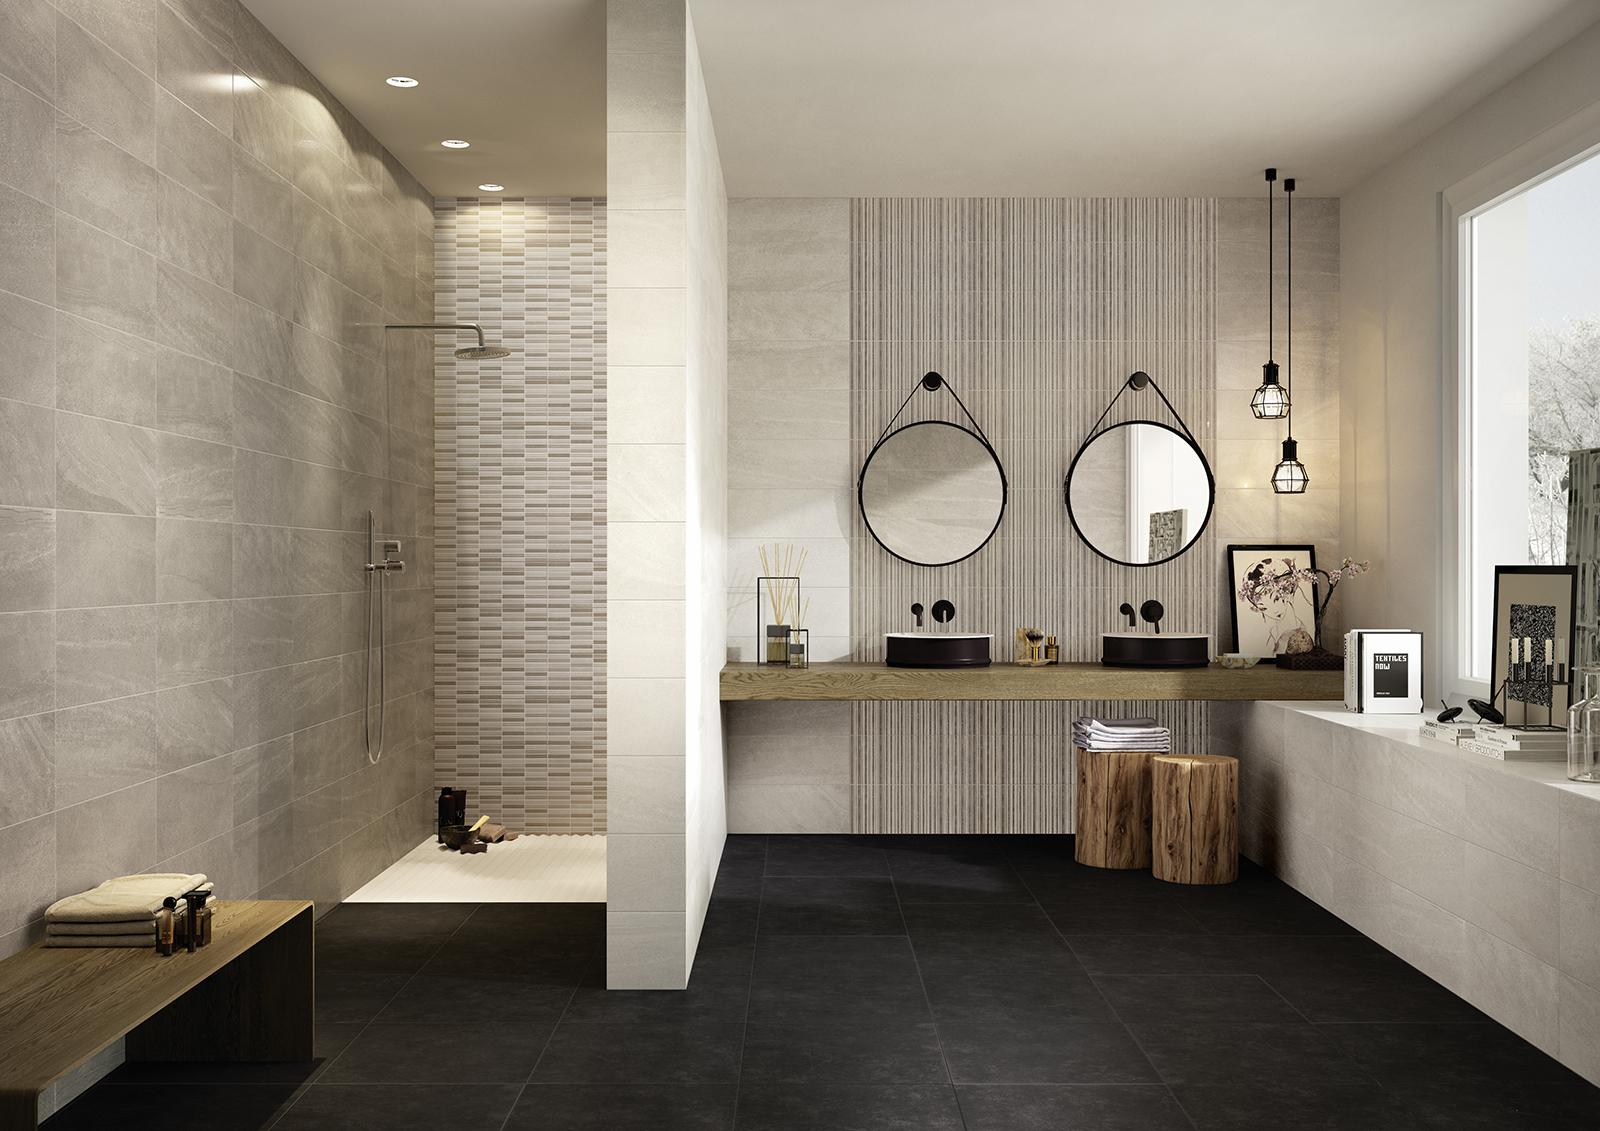 Interiors rivestimento bagno e cucina marazzi - Piastrelle bagno decorate ...